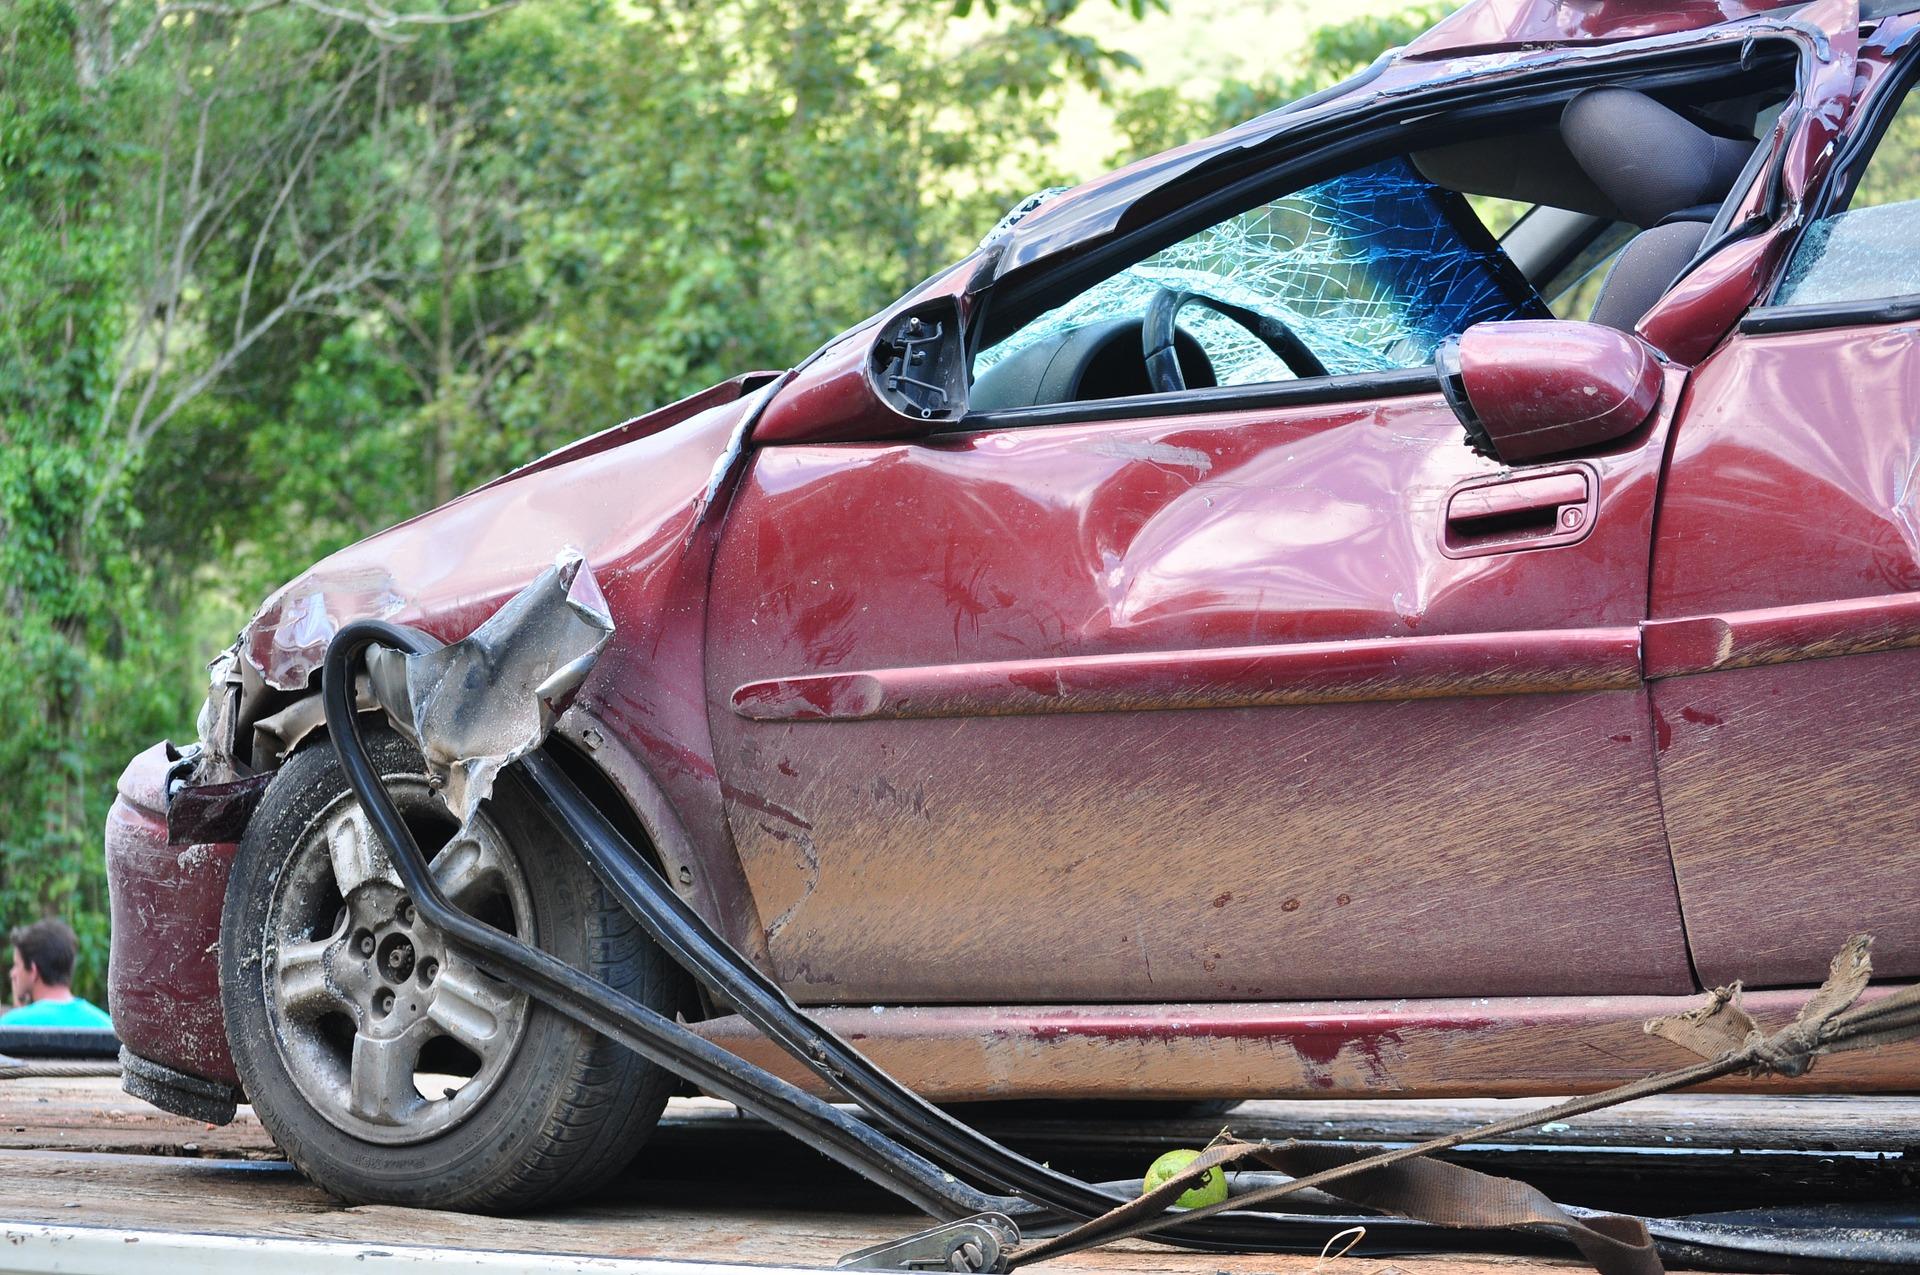 ¿Por qué debo contratar un seguro de accidentes?